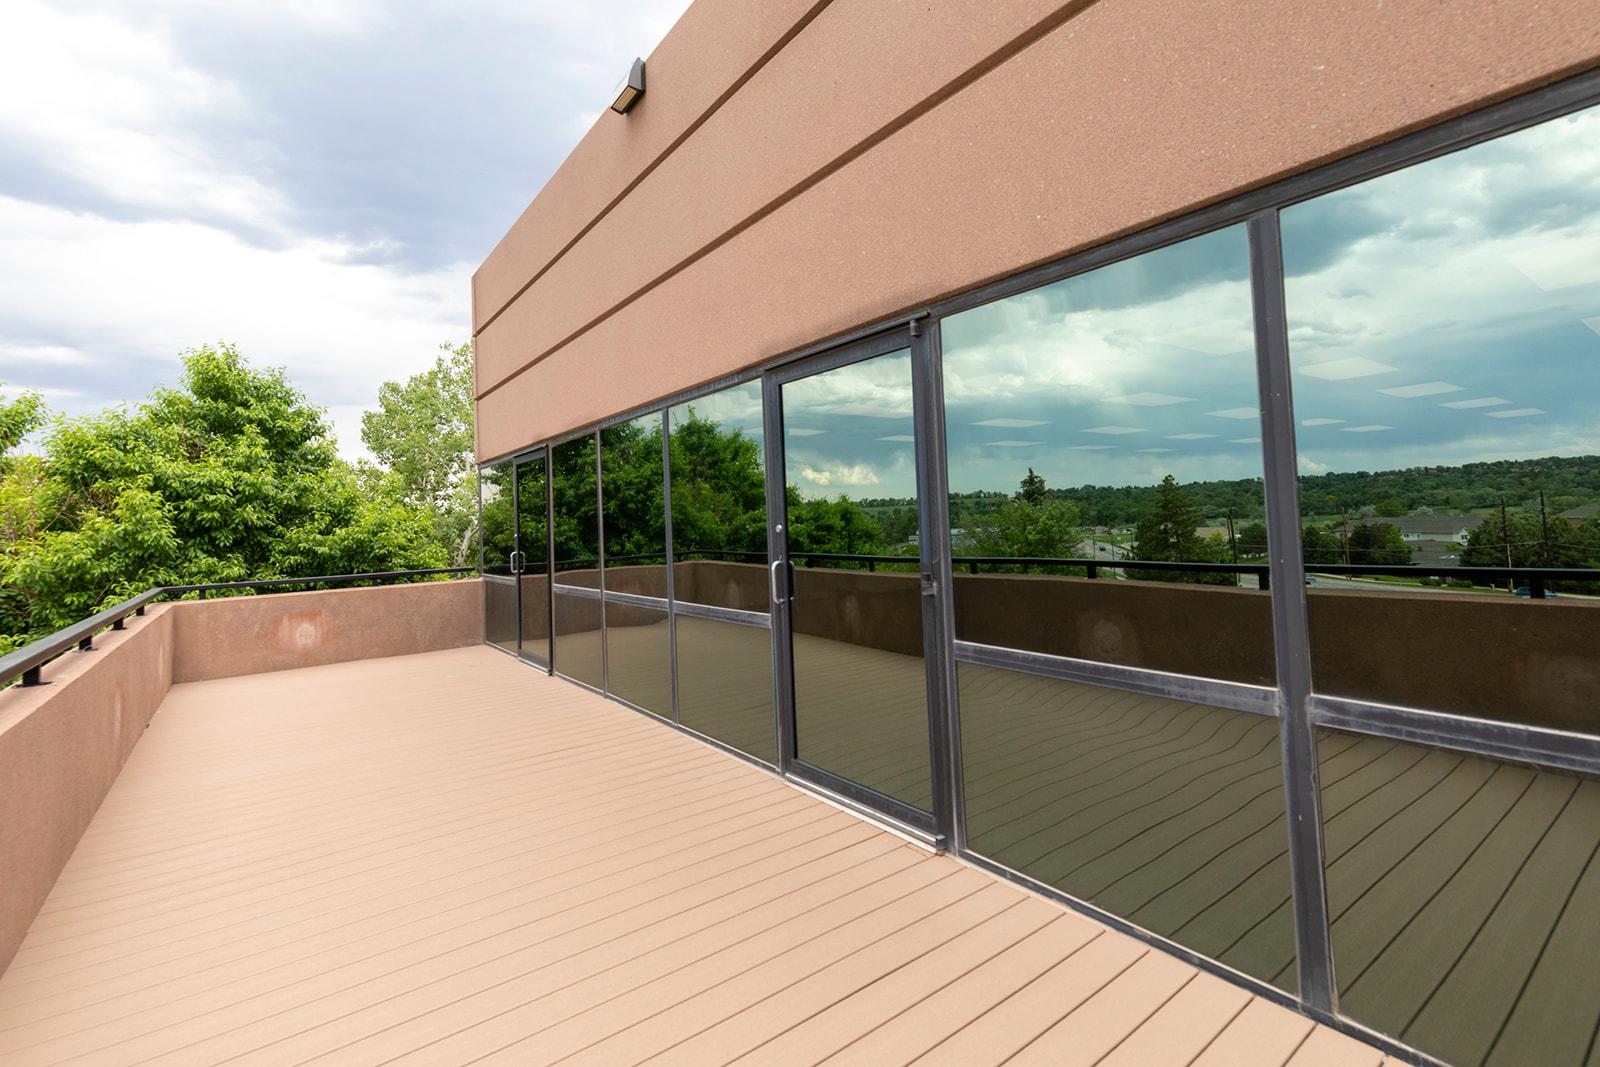 6-Terrace-Place-2021-web-24.jpg